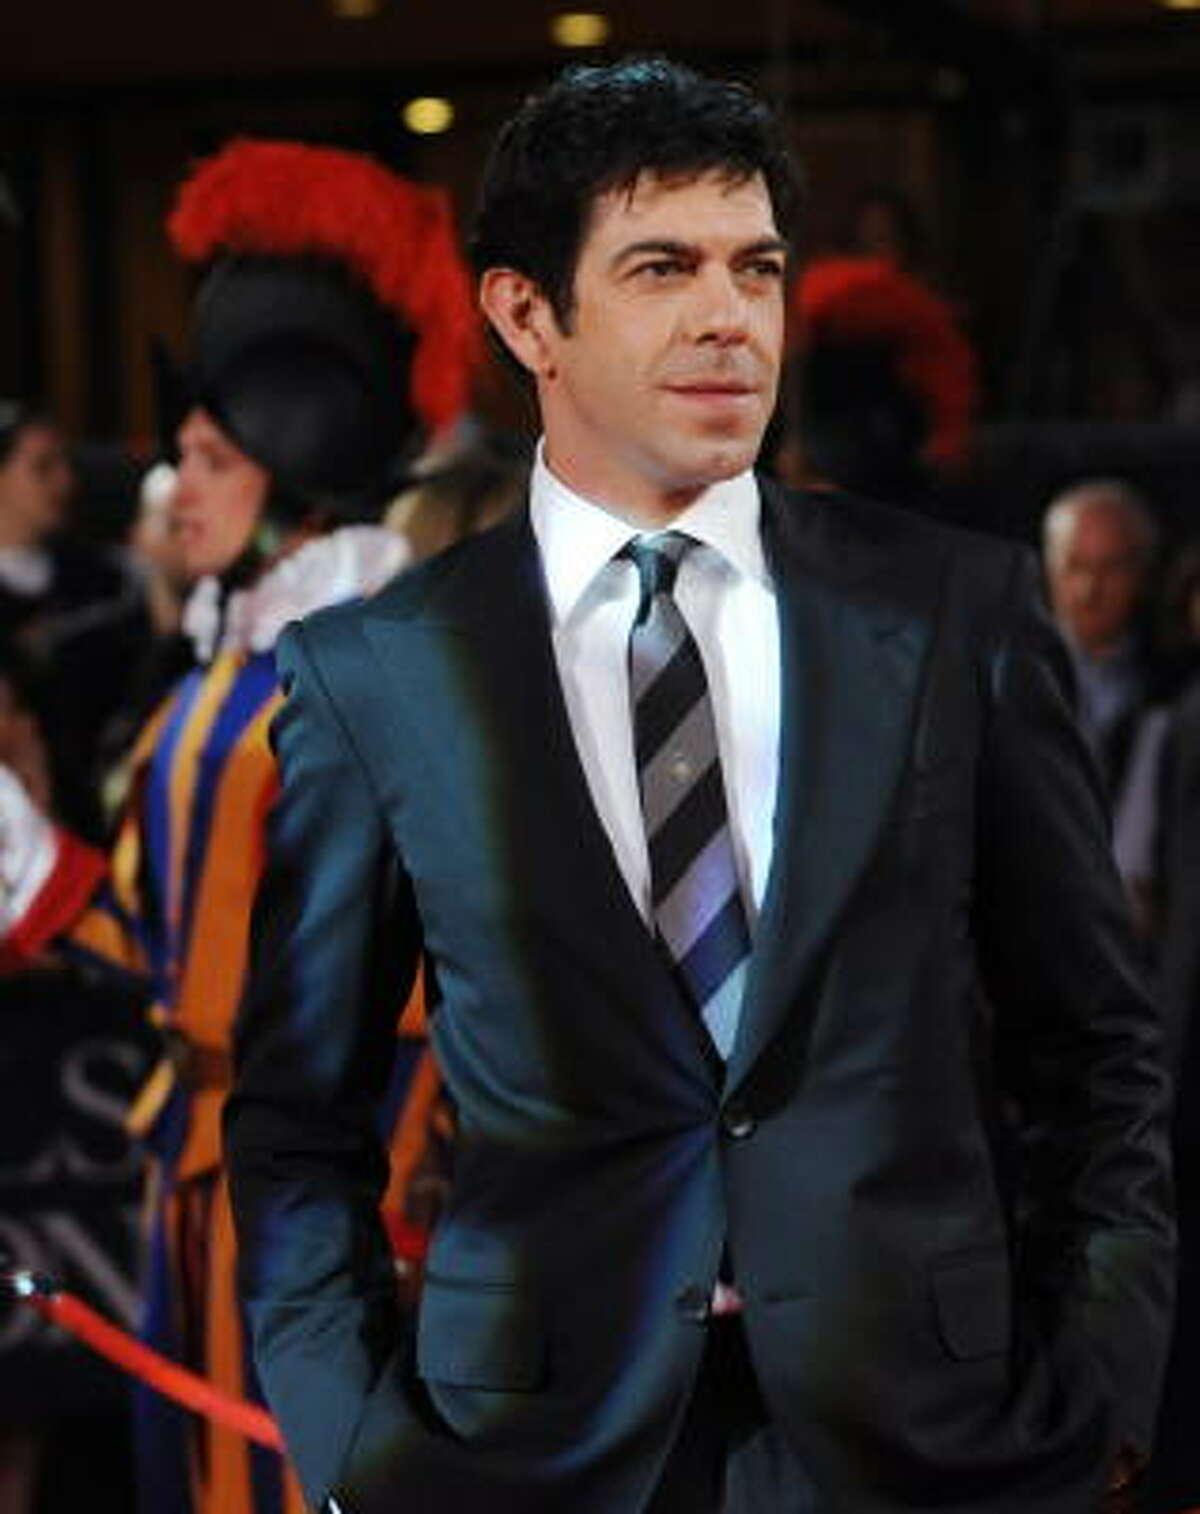 Italian actor Pierfrancesco Favino